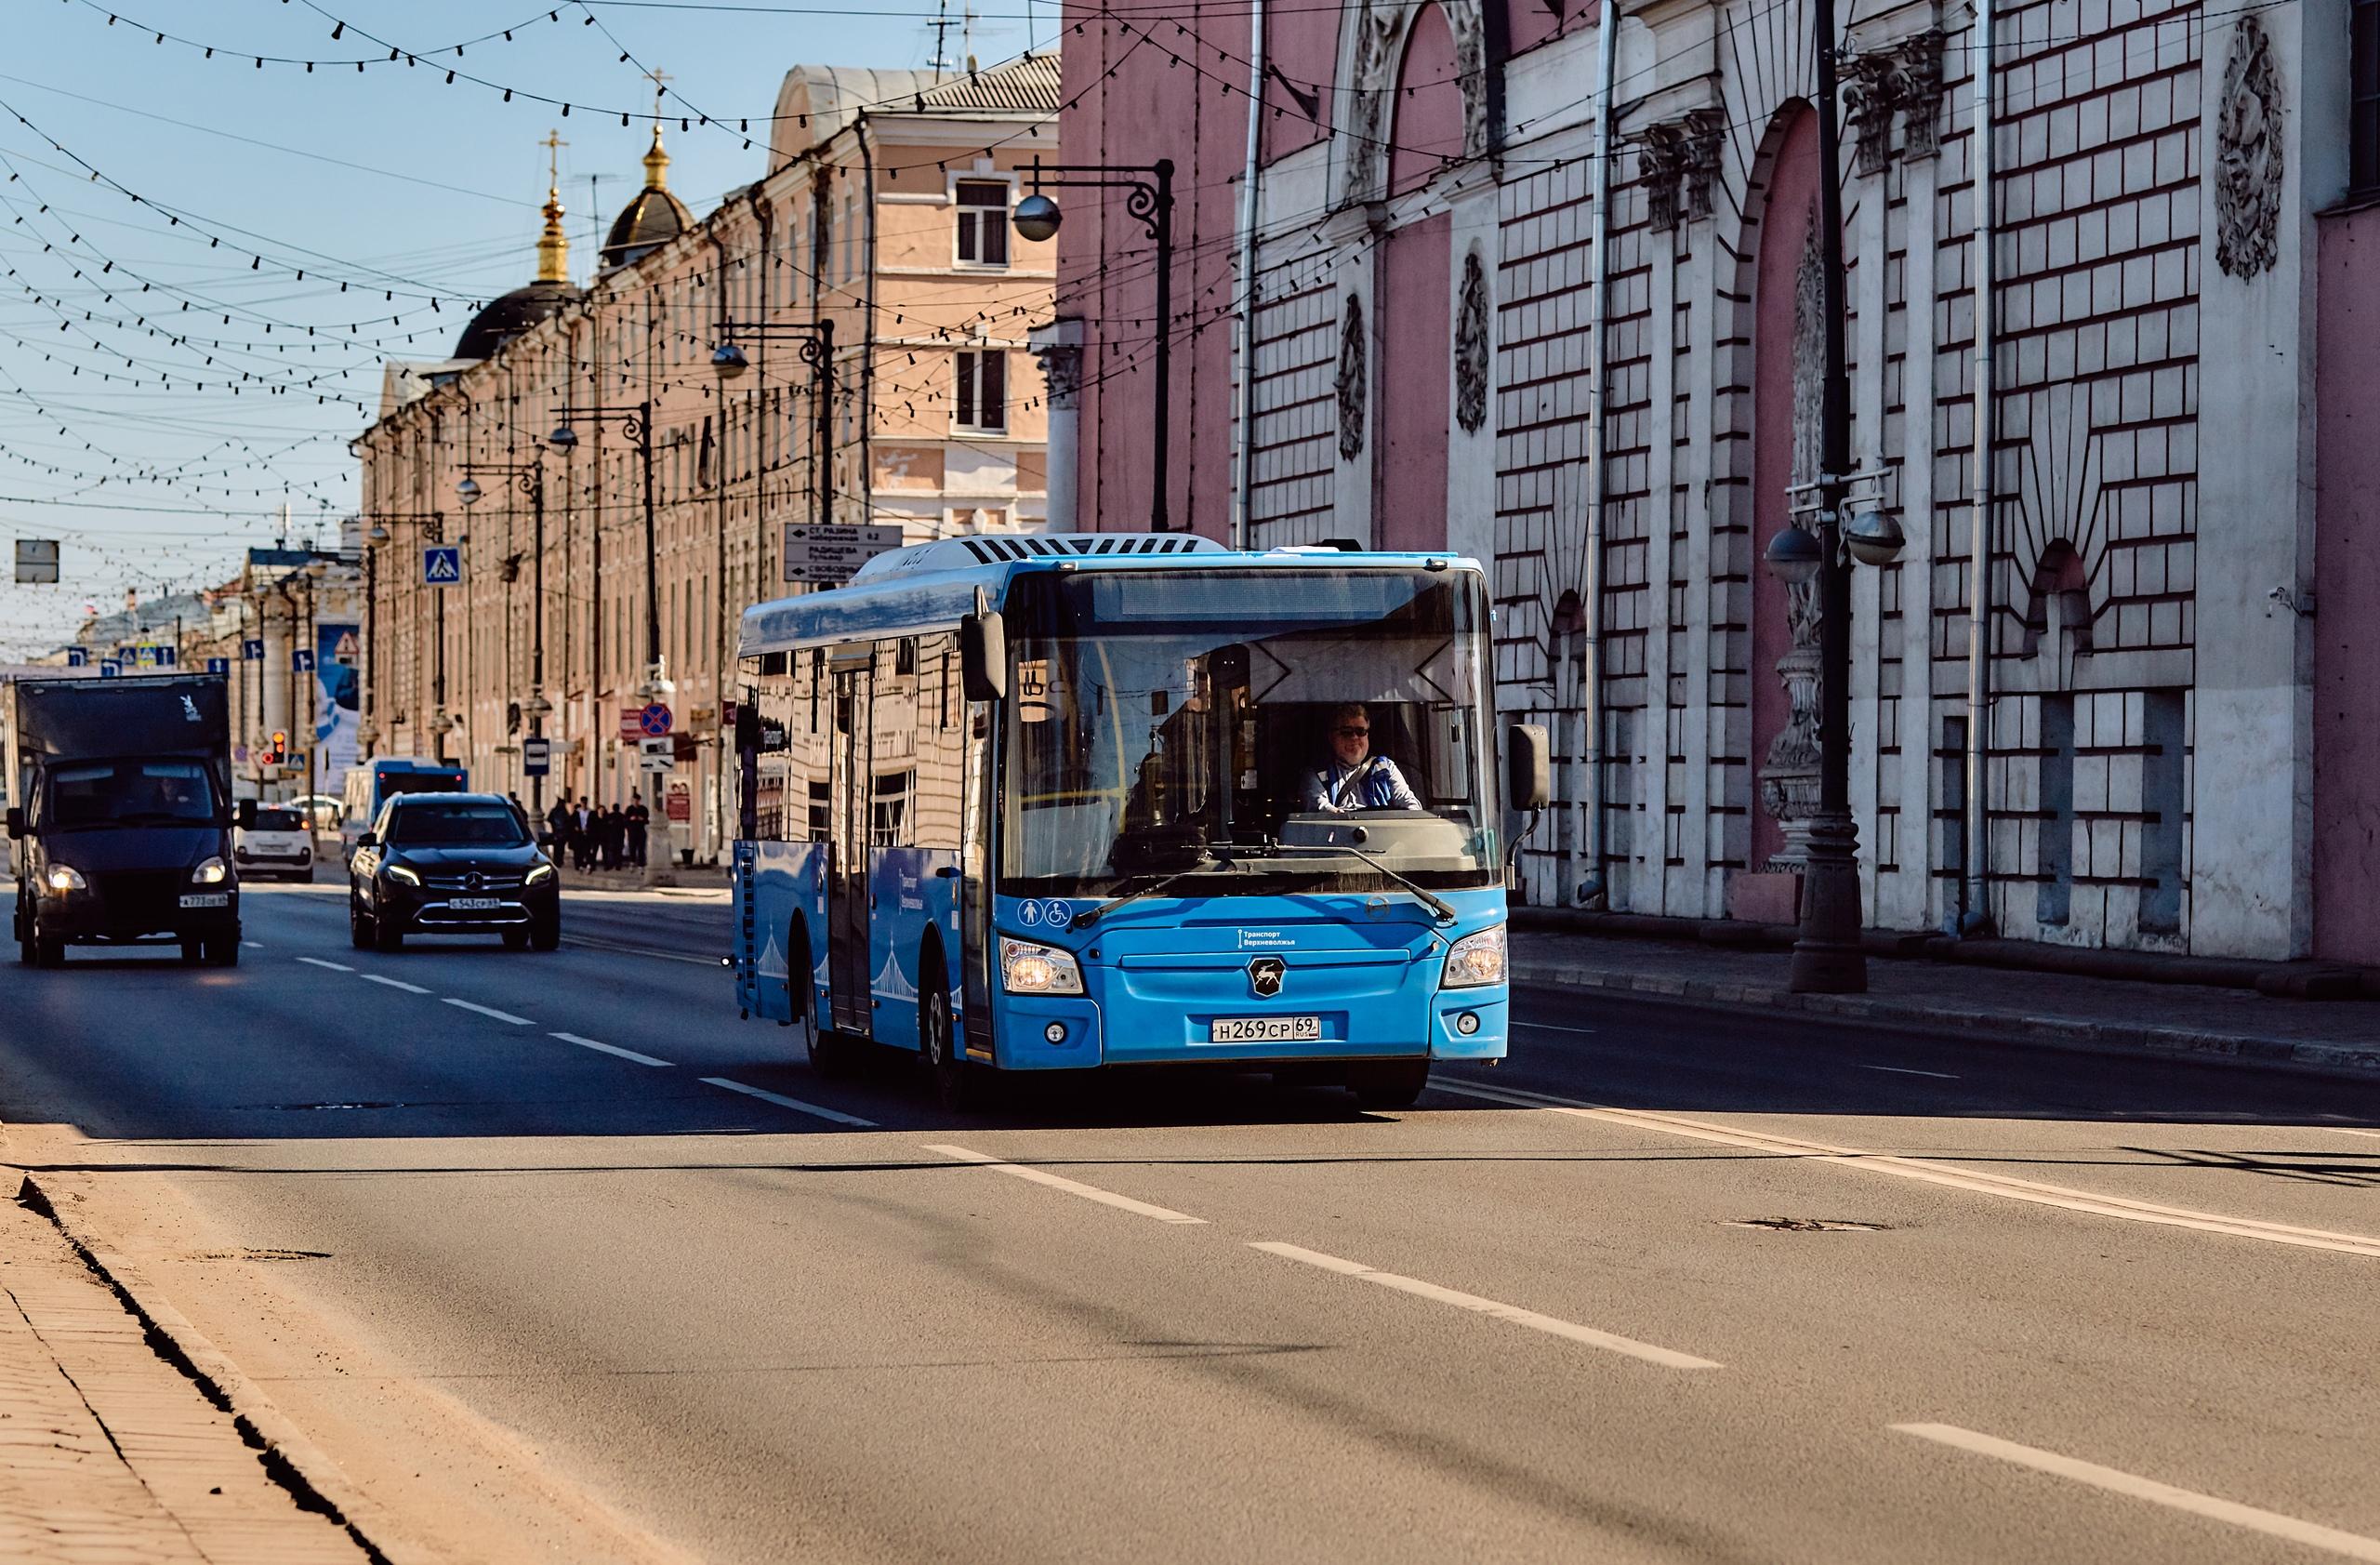 Тверские автобусы оснастили табличками с подробным указанием маршрутов